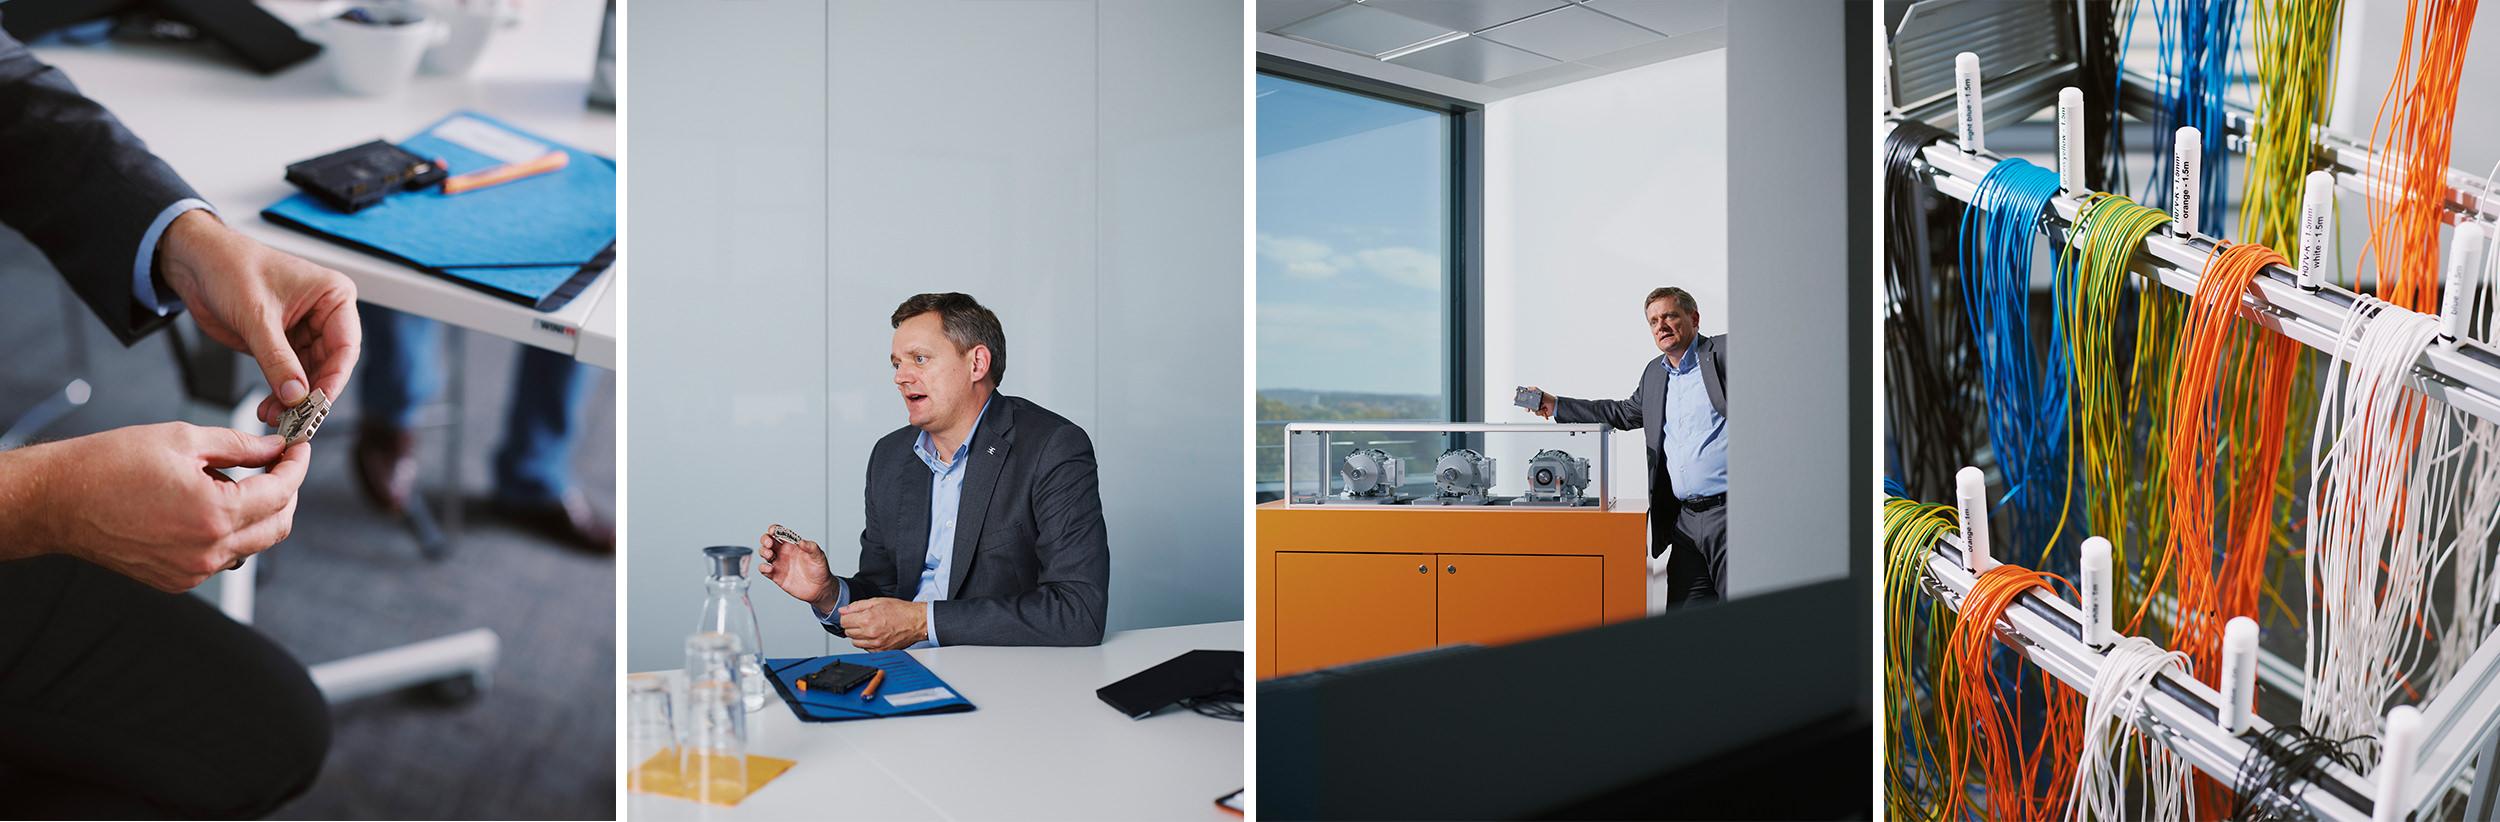 Jörg Timmermann  Weidmüller, Detmold 2019 Vorstandssprecher und Finanzvorstand für CAPITAL I Patrick Pollmeier